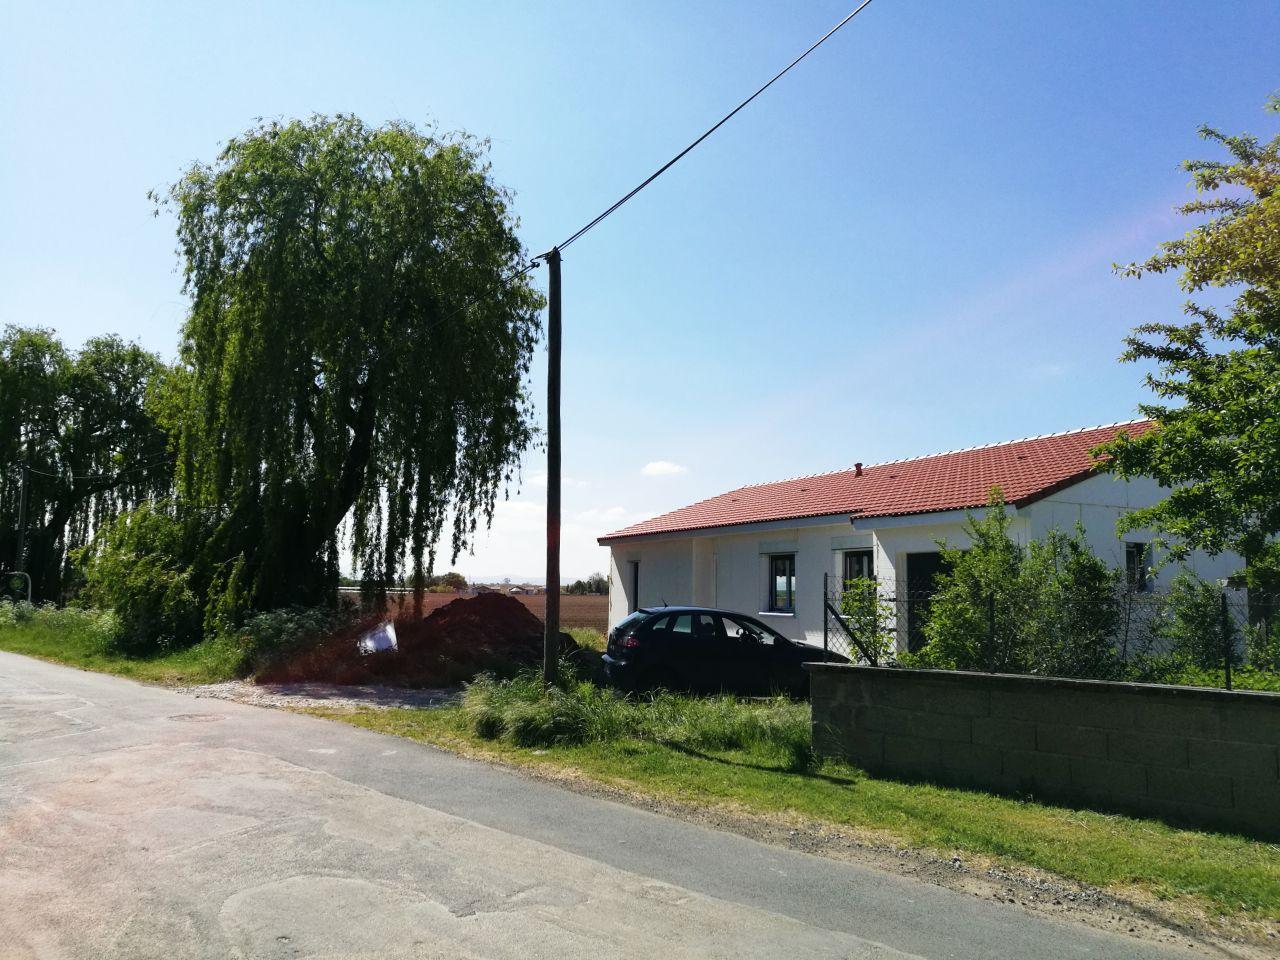 Maison montée intégralement + charpente et toiture (hors d'eau et hors d'air)